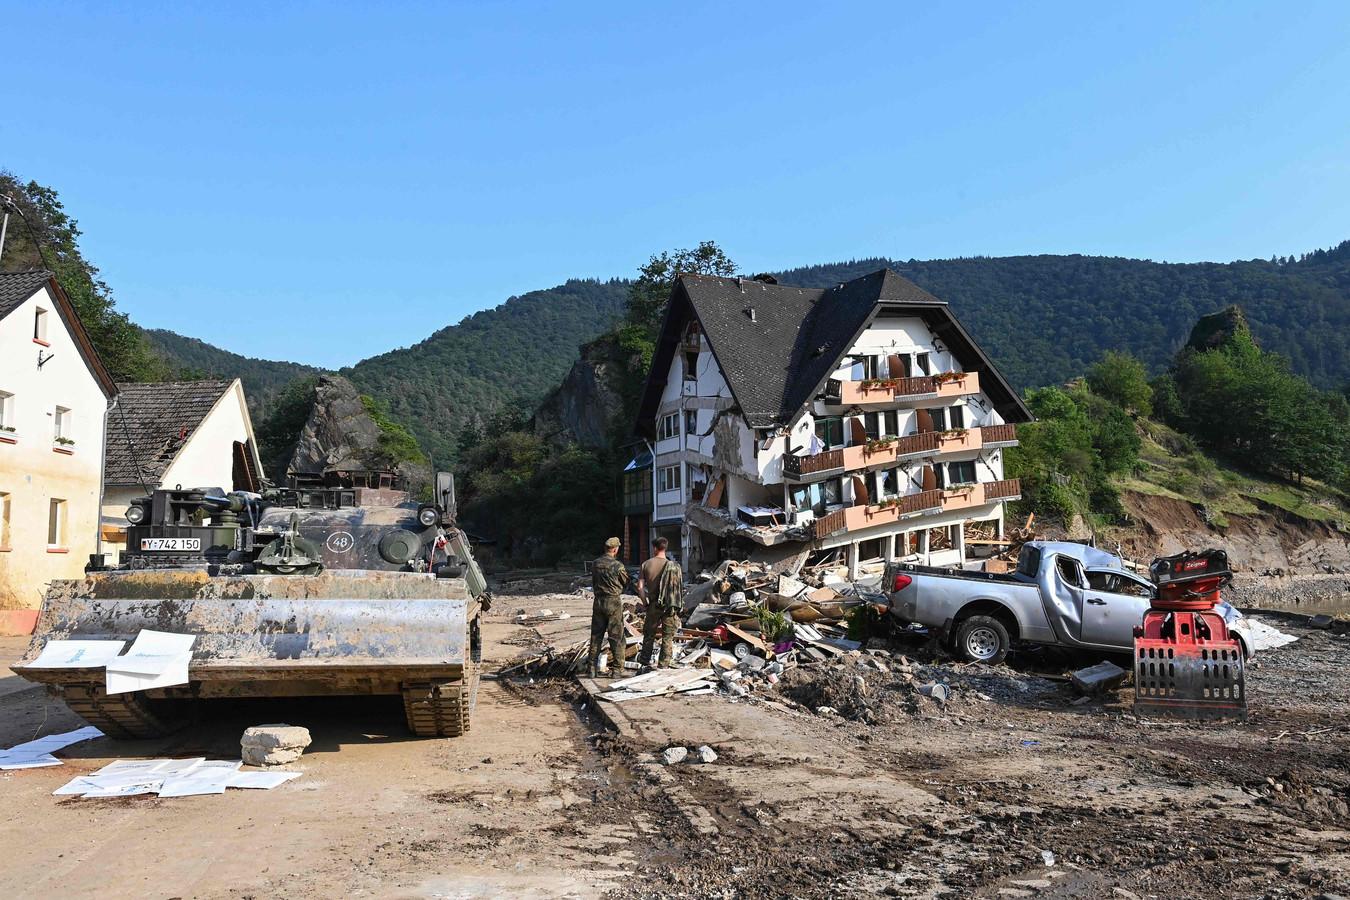 La région de Rhénanie-Palatinat, la plus touchée par les violentes intempéries qui ont dévasté plusieurs communes, comptabilise 132 morts et 766 blessés, selon la police de Coblence.